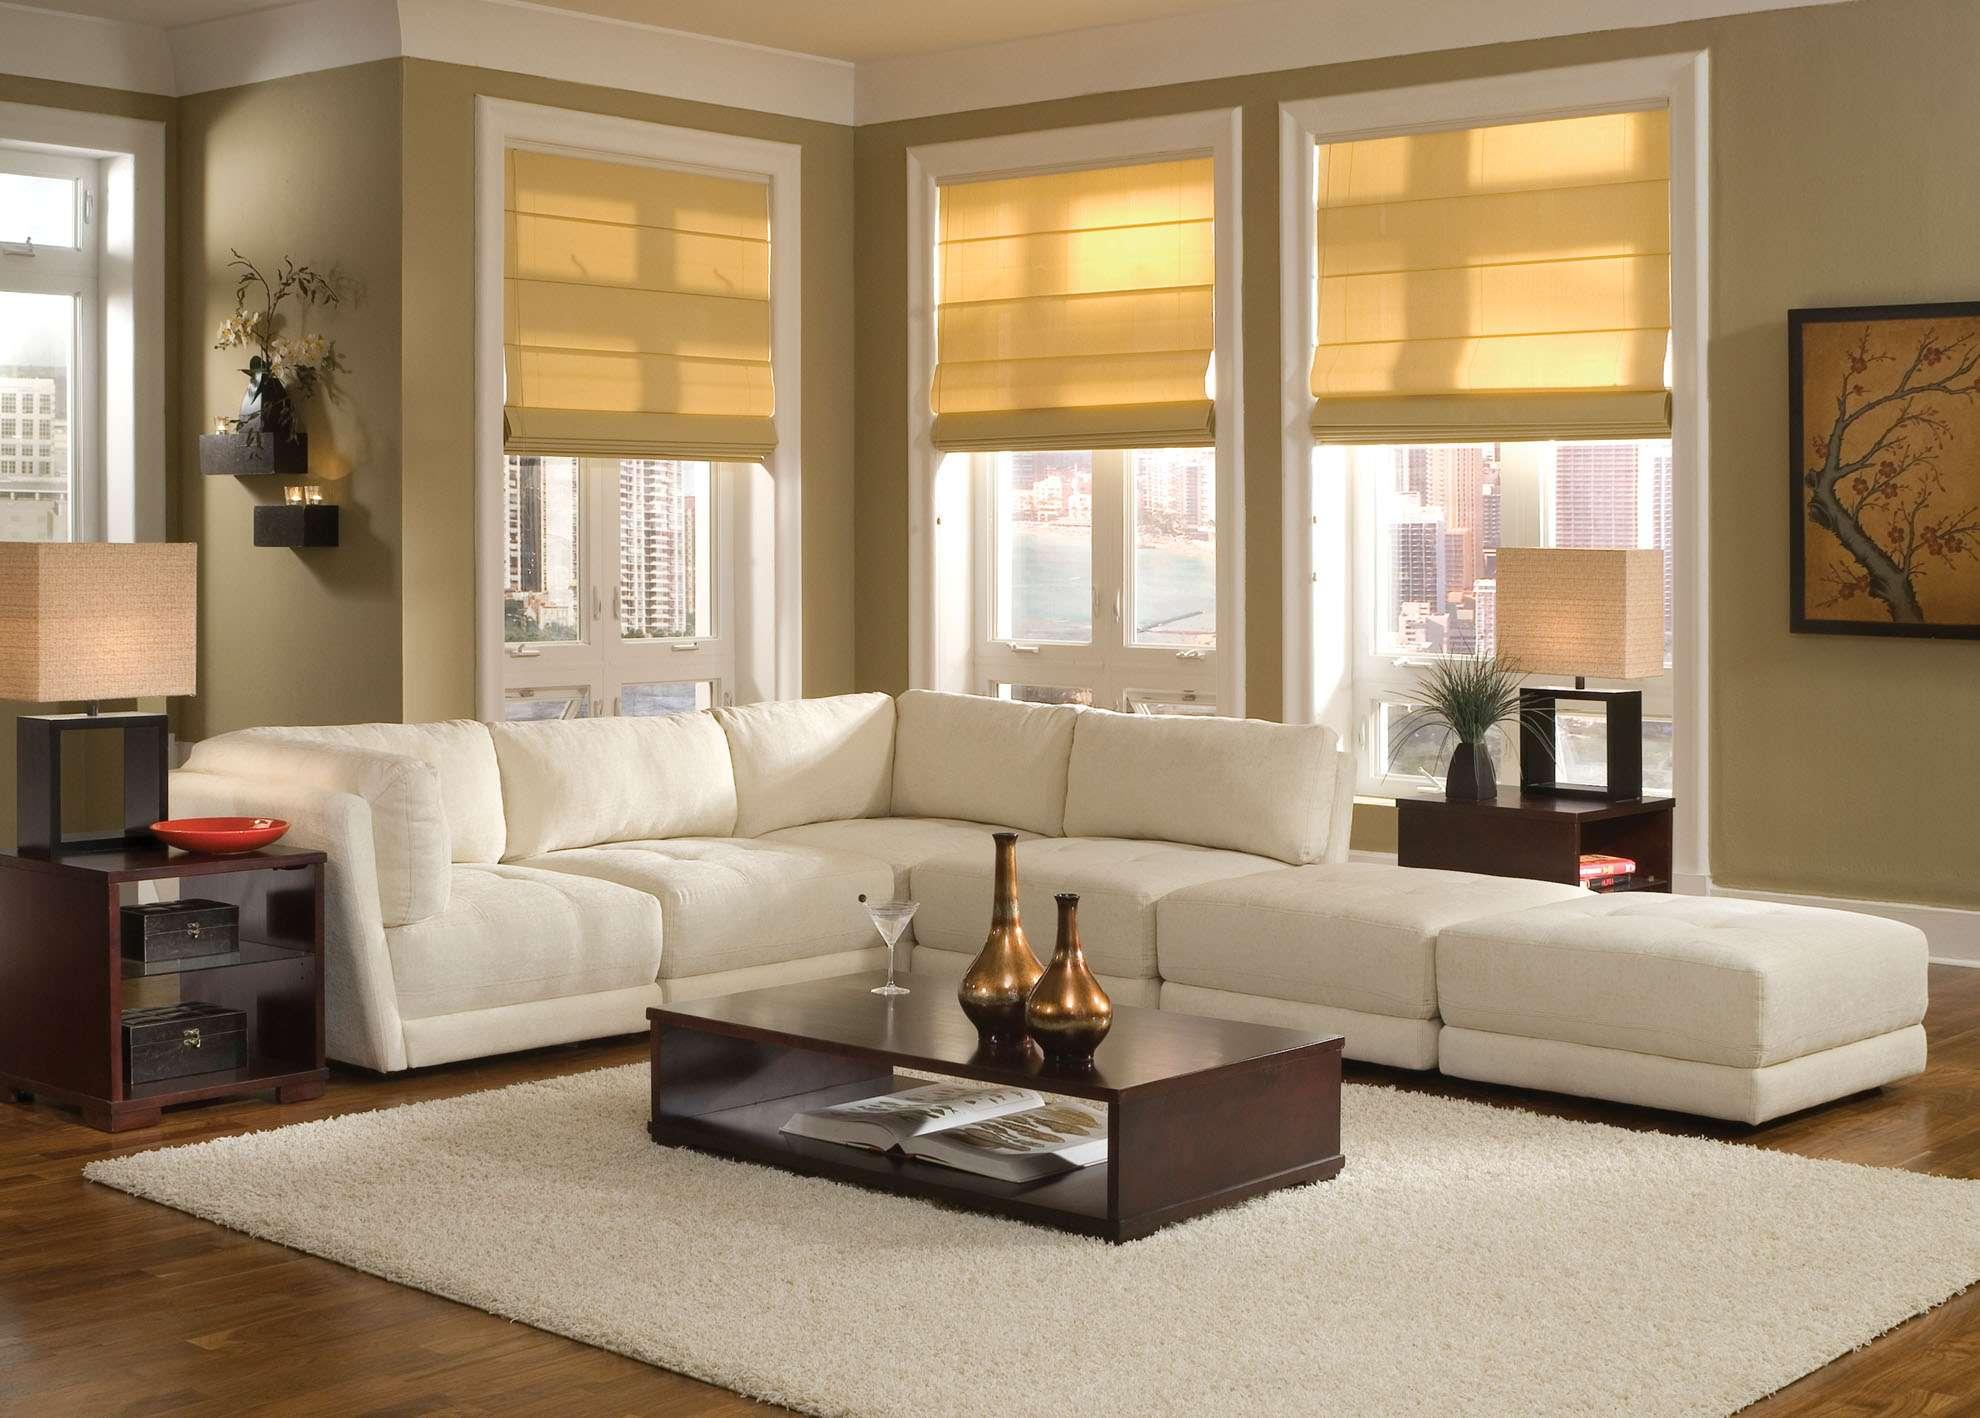 белый диван у окна в гостиной